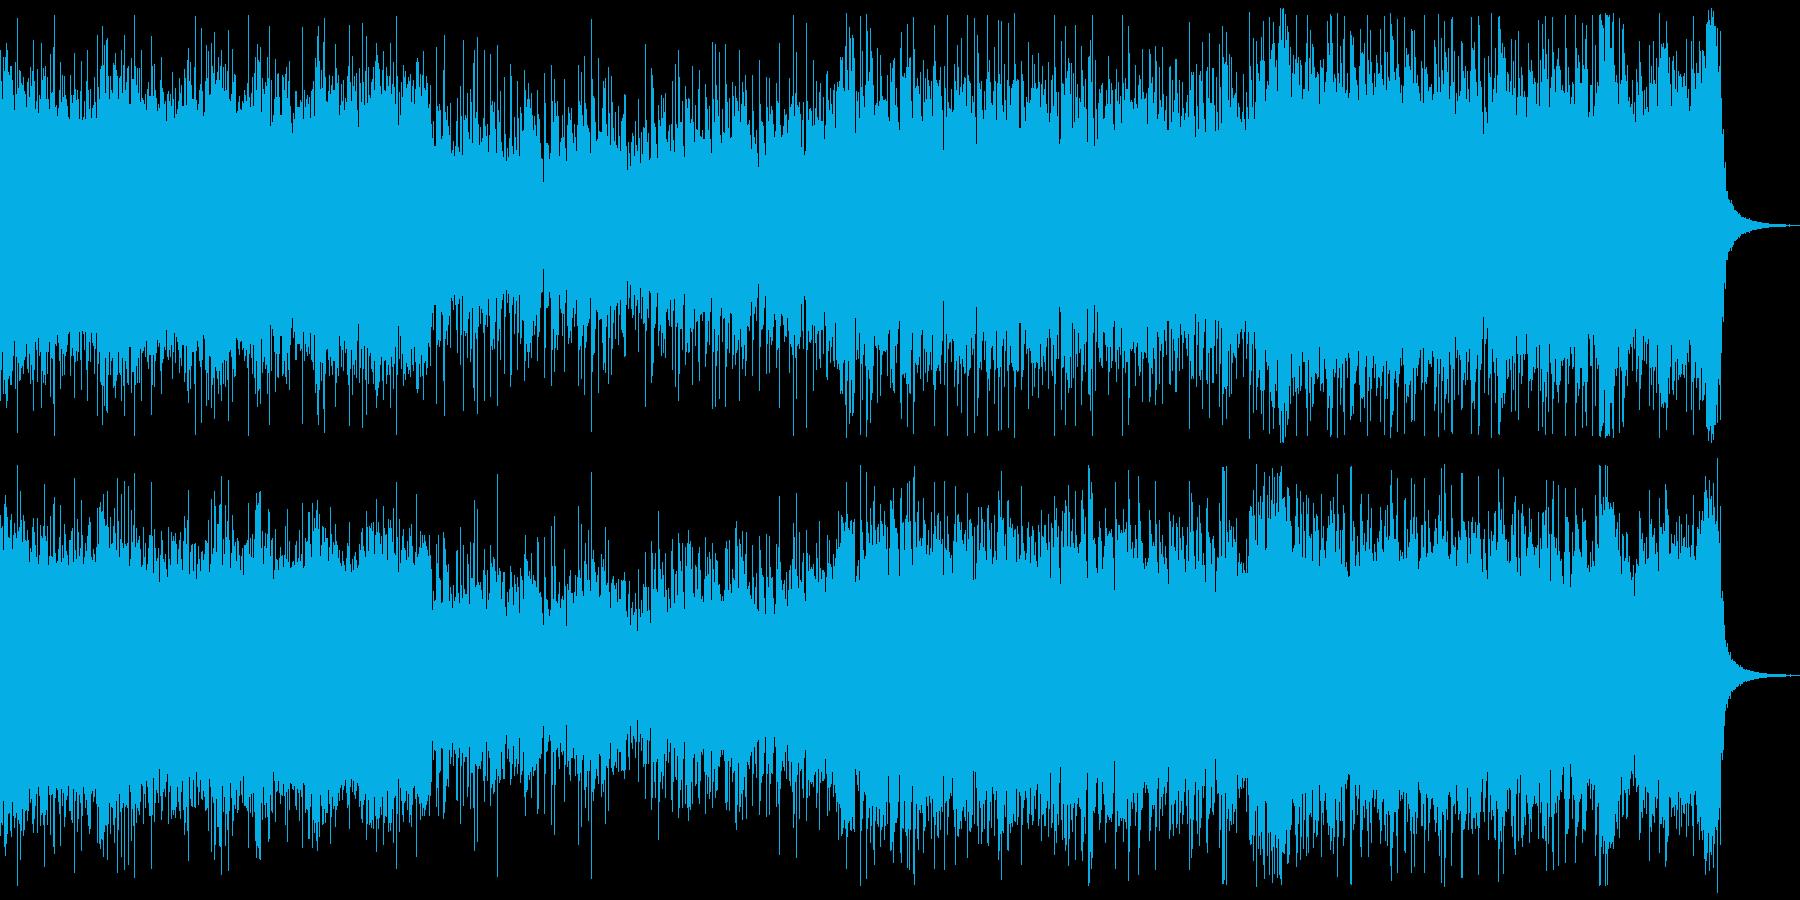 アイドルロック風、ゲーム、アニメverBの再生済みの波形